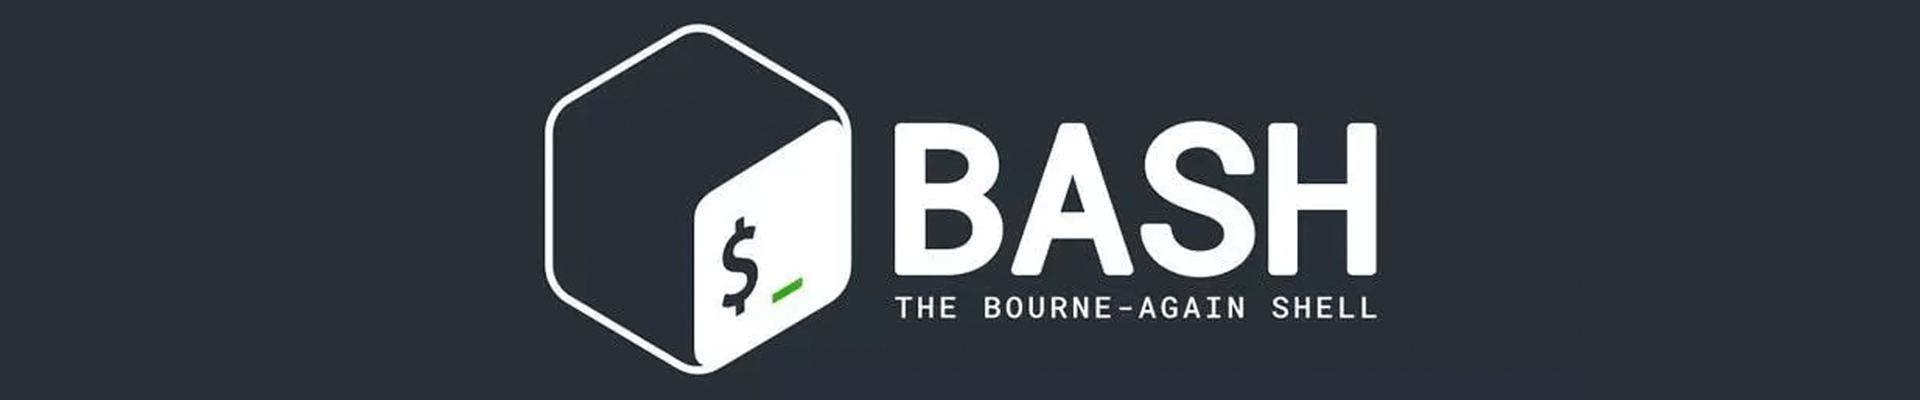 Cours shell Bash complet gratuit pour débutants